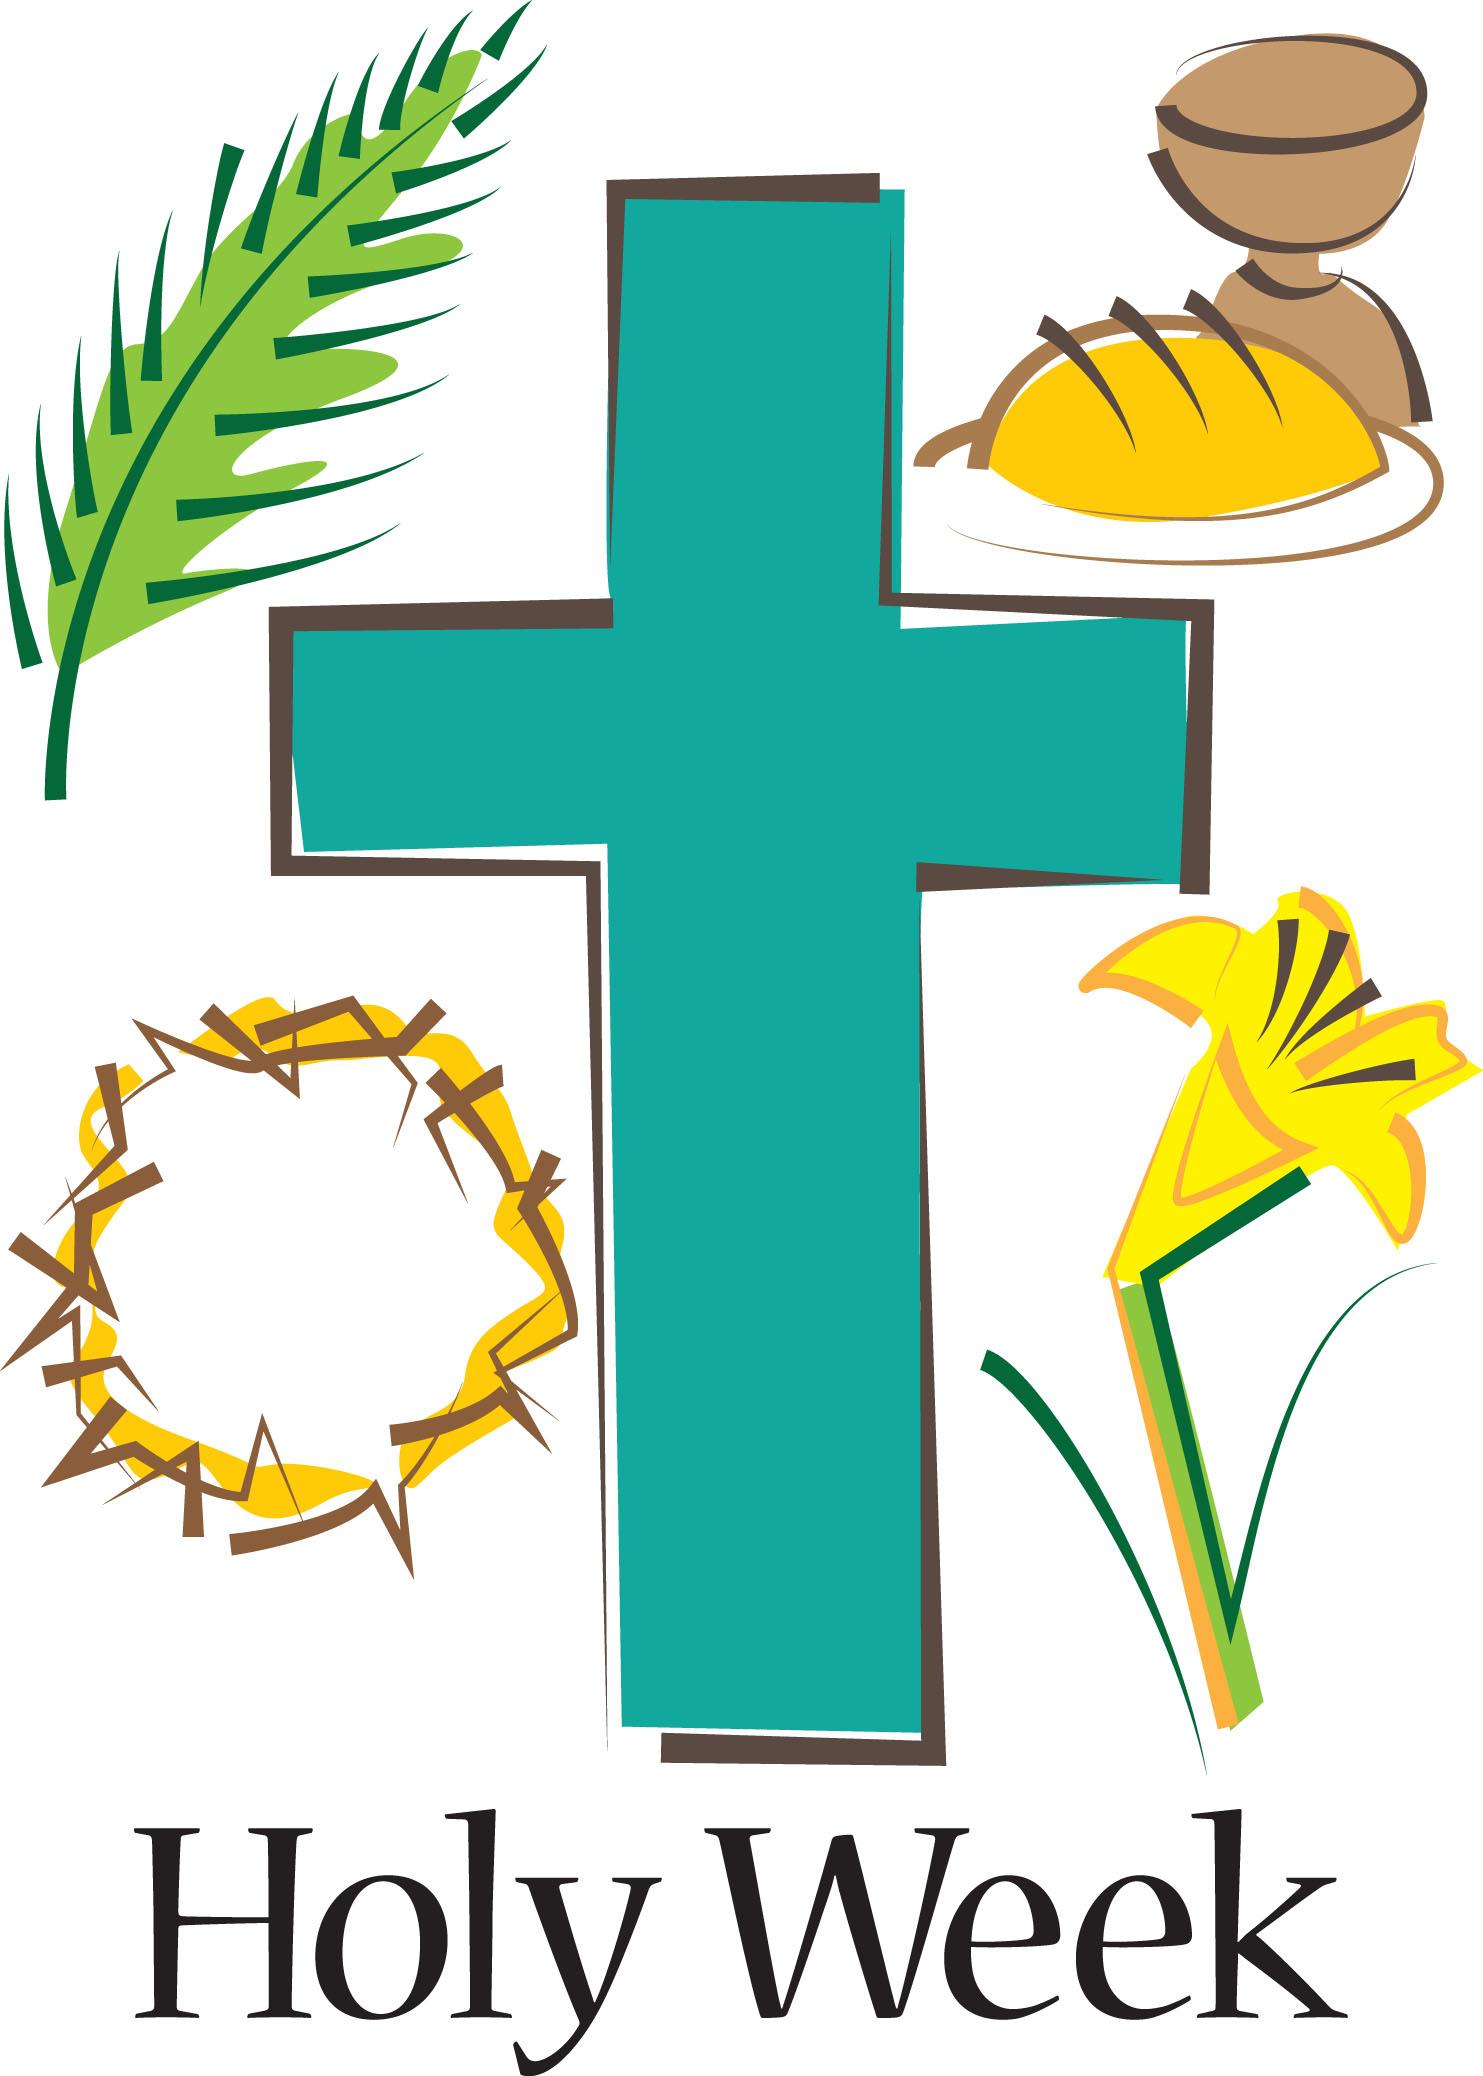 ... Holy Week Clip Art - ClipArt Best ...